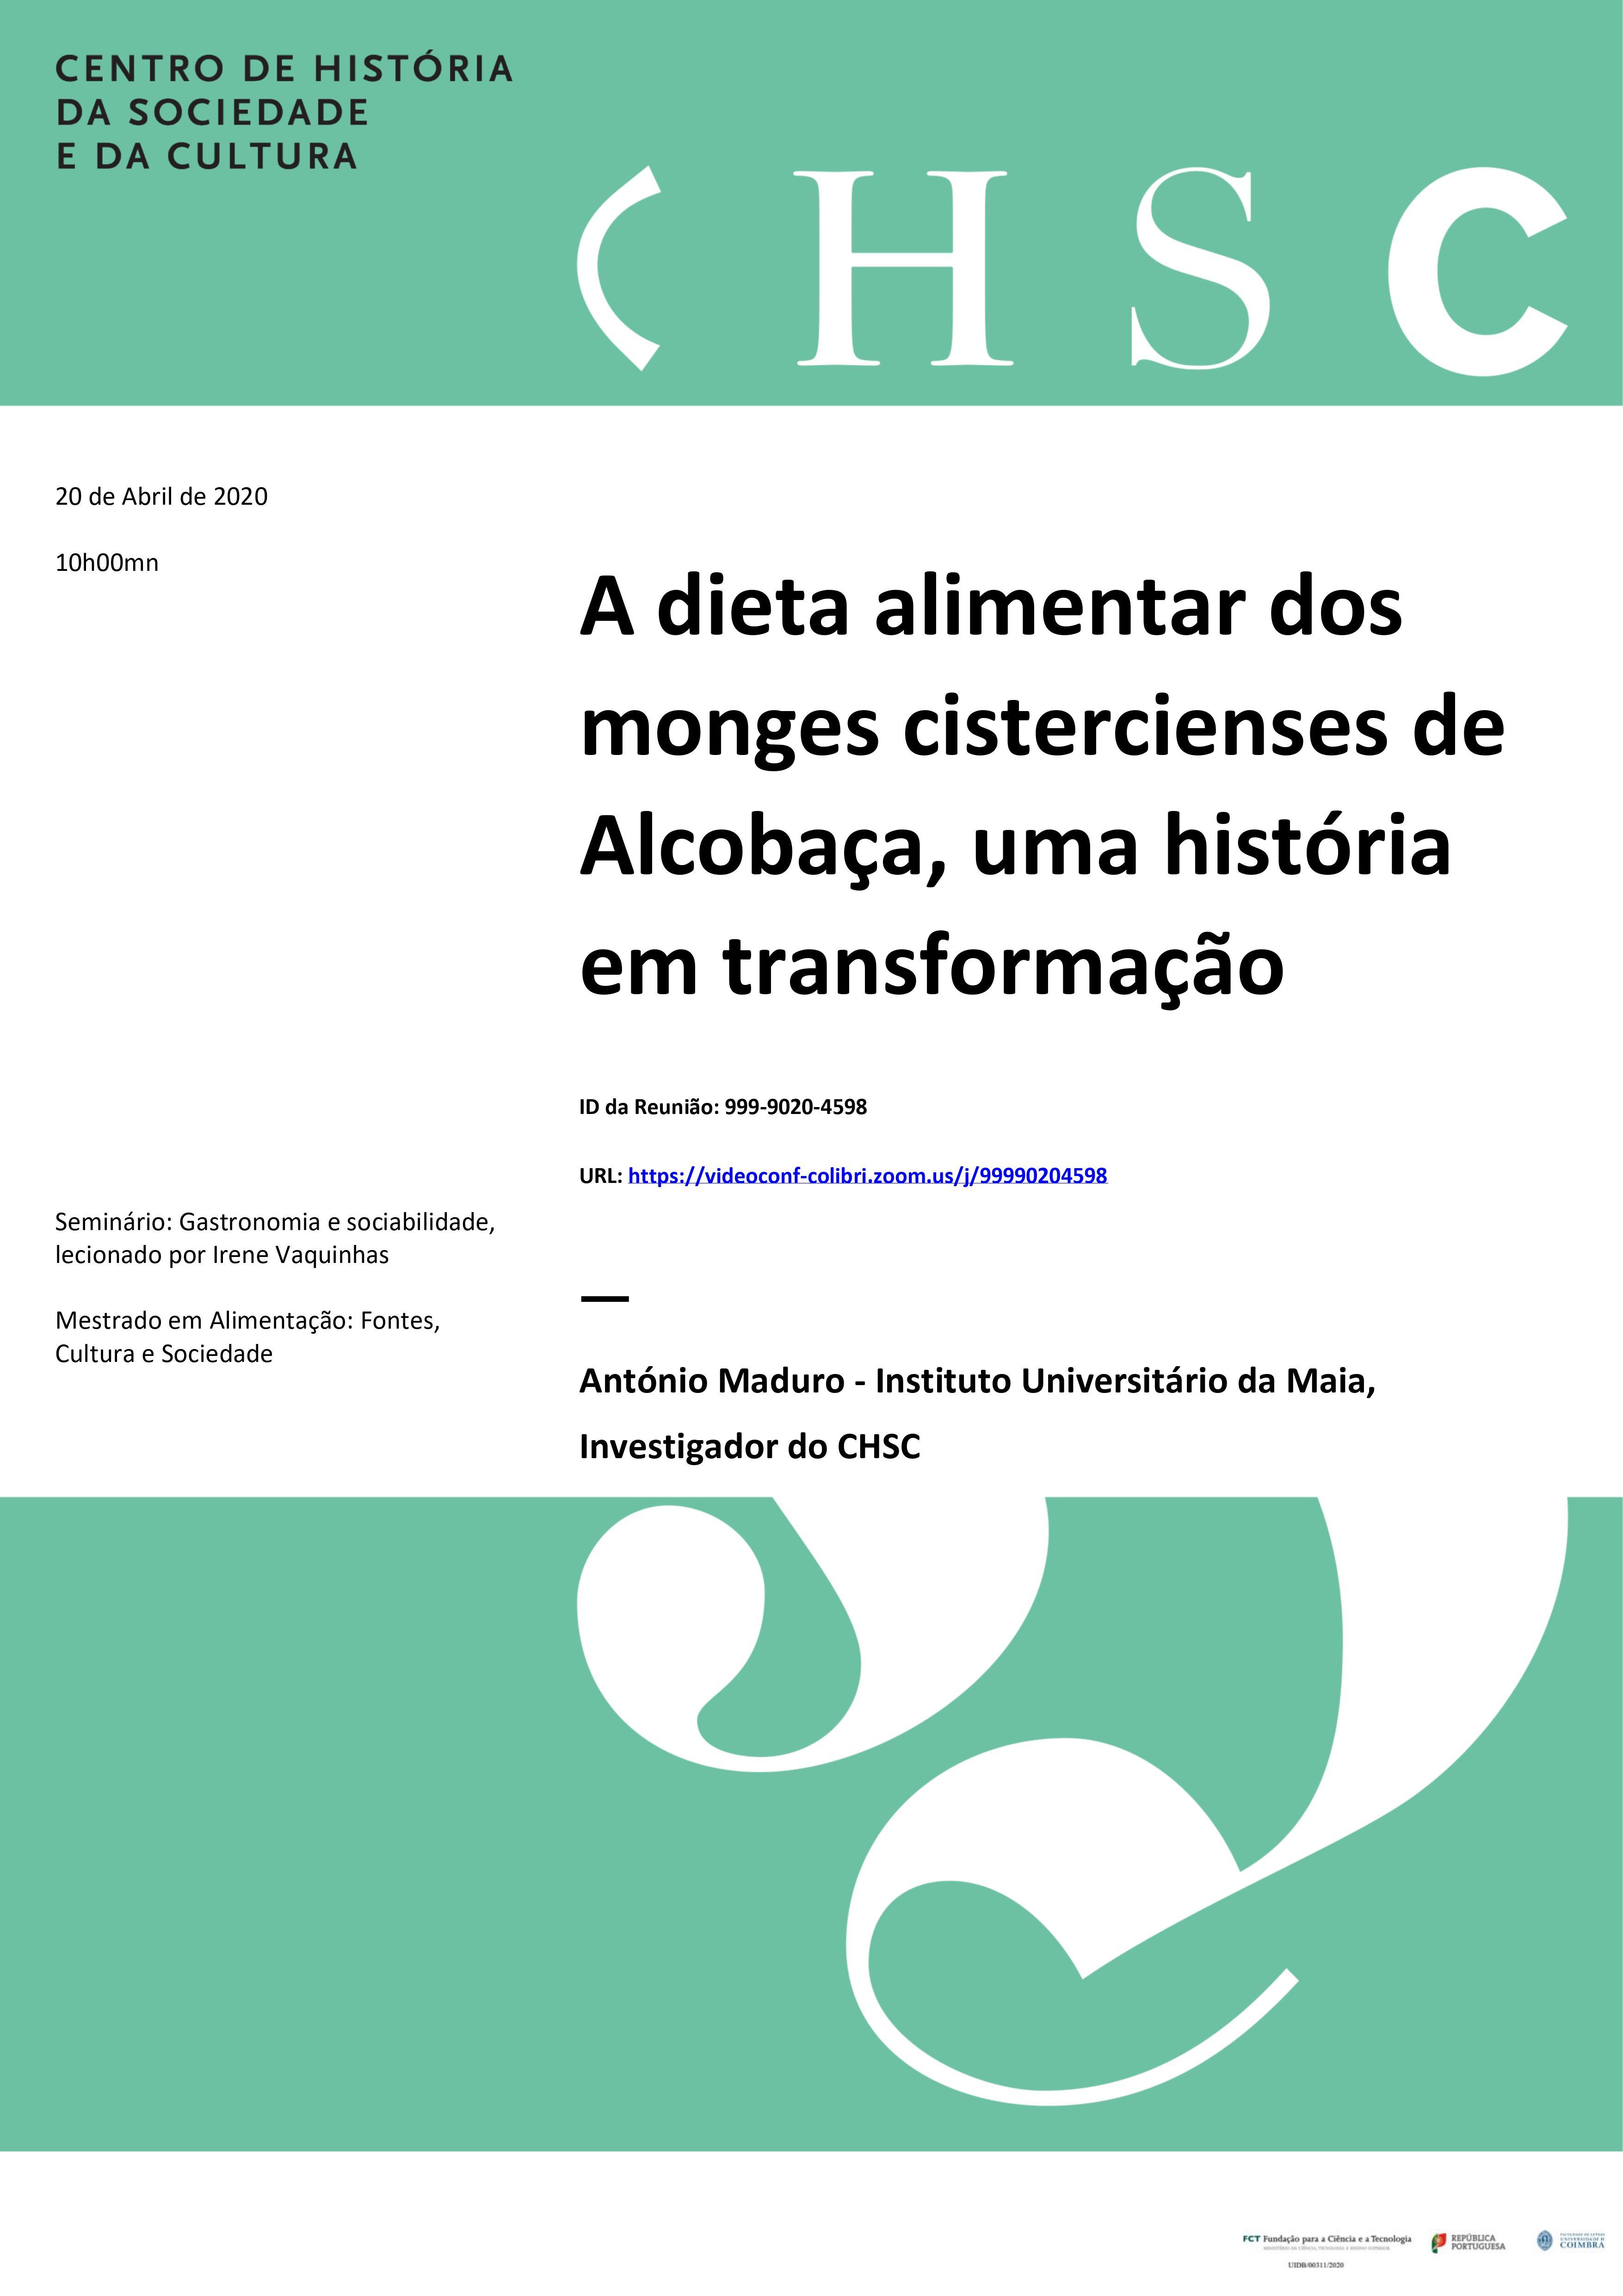 A DIETA ALIMENTAR DOS MONGES CISTERCIENSES DE ALCOBAÇA, UMA HISTÓRIA EM TRANSFORMAÇÃO